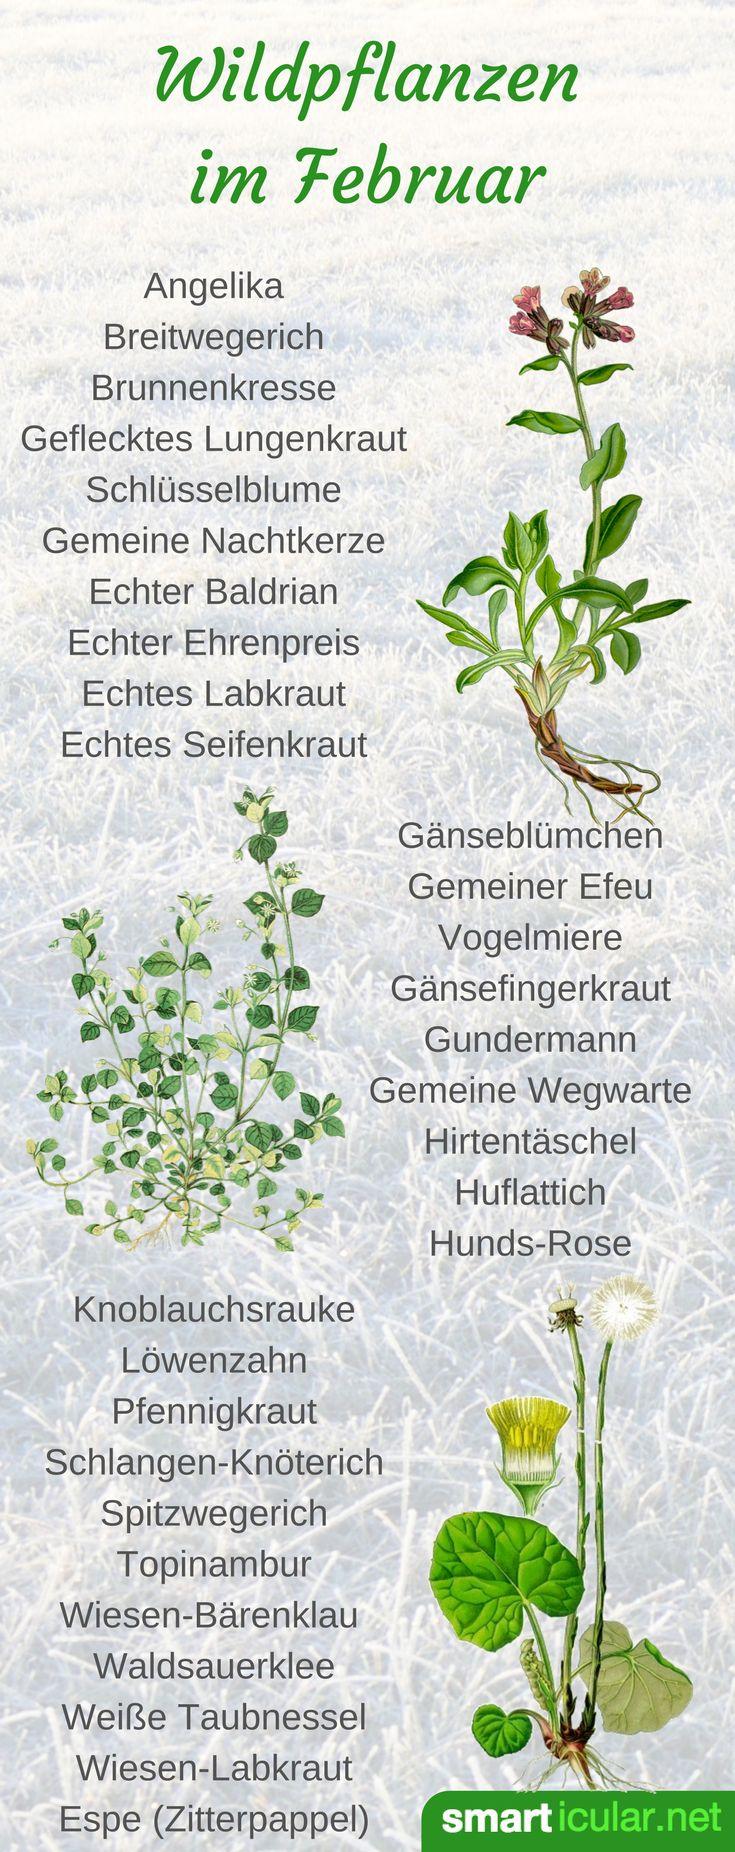 Schmackhaftes aus Feld und Flur: Wildpflanzen im Februar